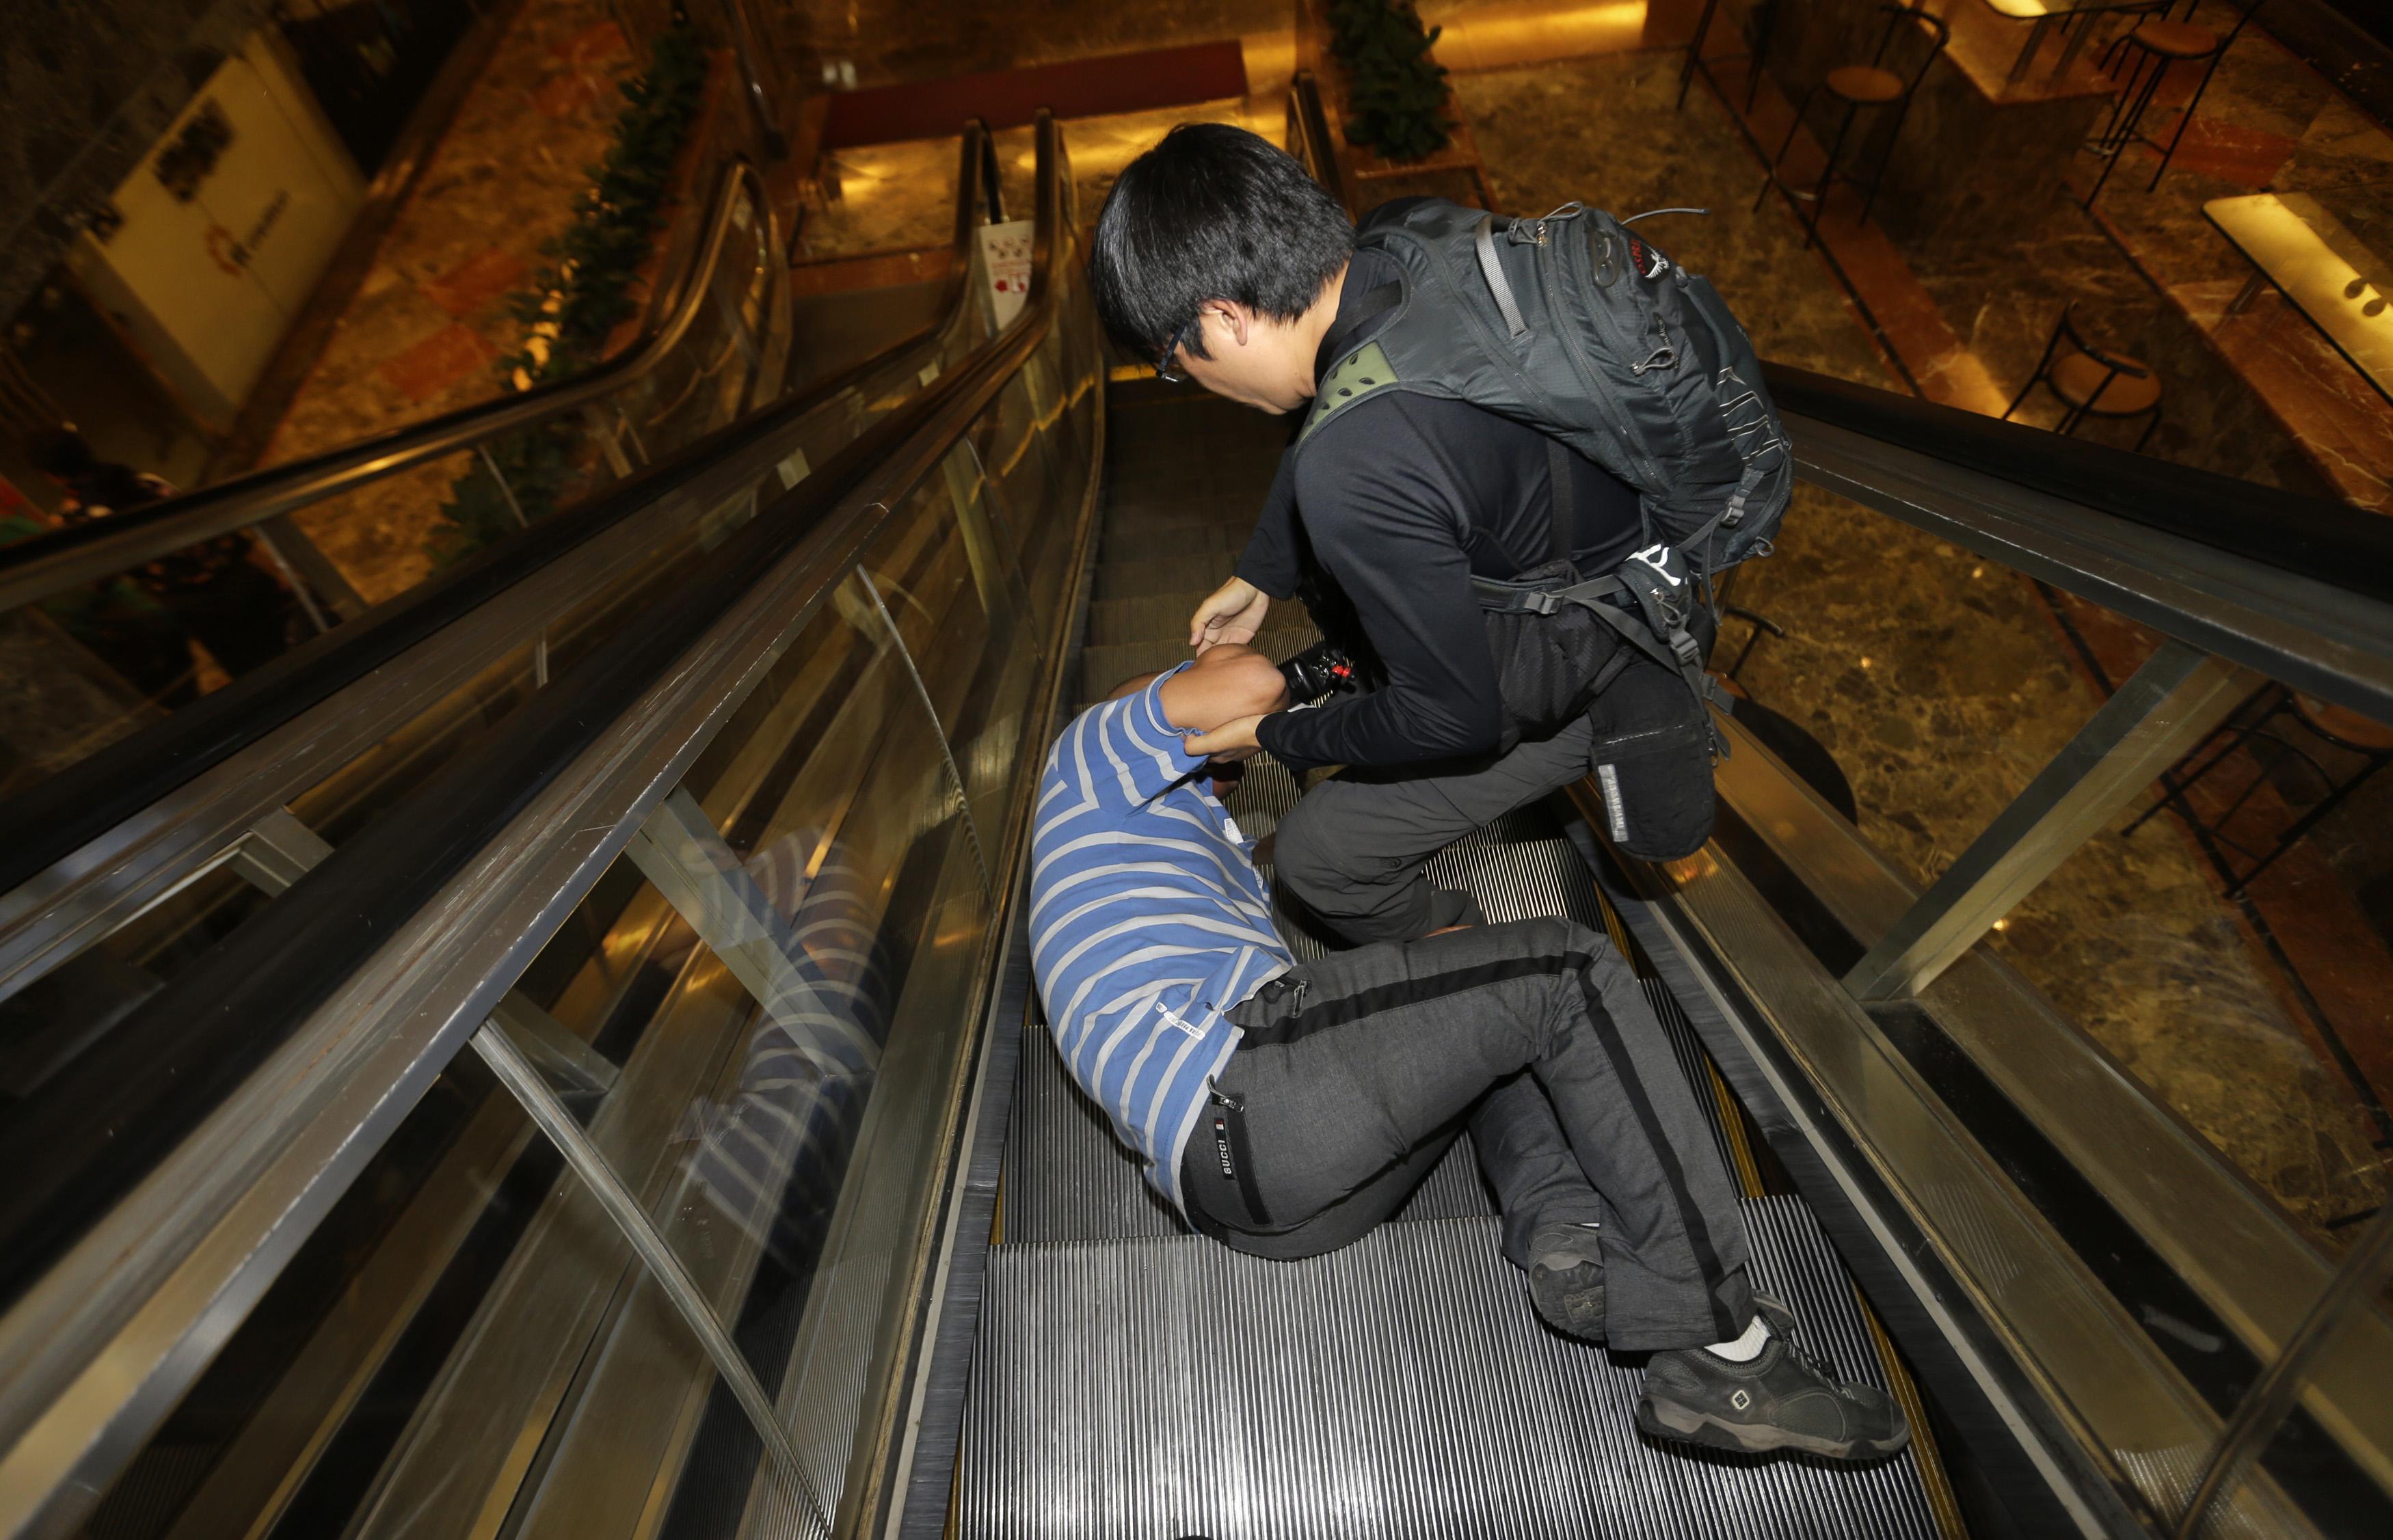 Parente de passageiro que estava a bordo do Malaysia Airlines MH370 cai na escada rolante e chora depois de assistir o pronunciamento do primeiro-ministro | Jason Lee/ Reuters